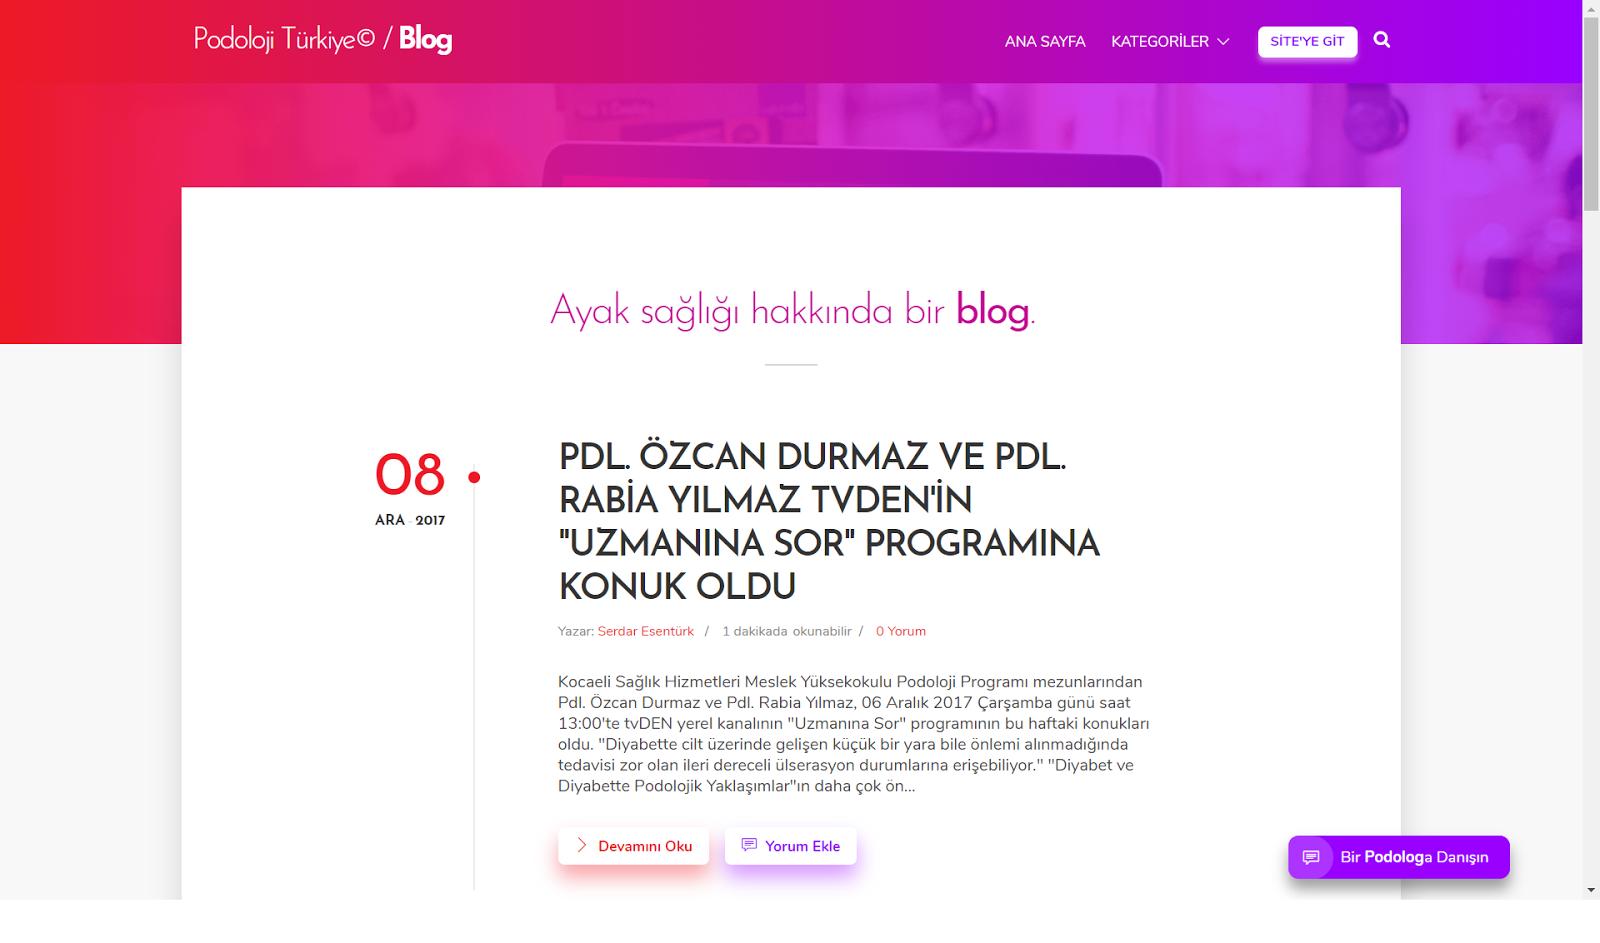 Yeni Blog Görüntüsü